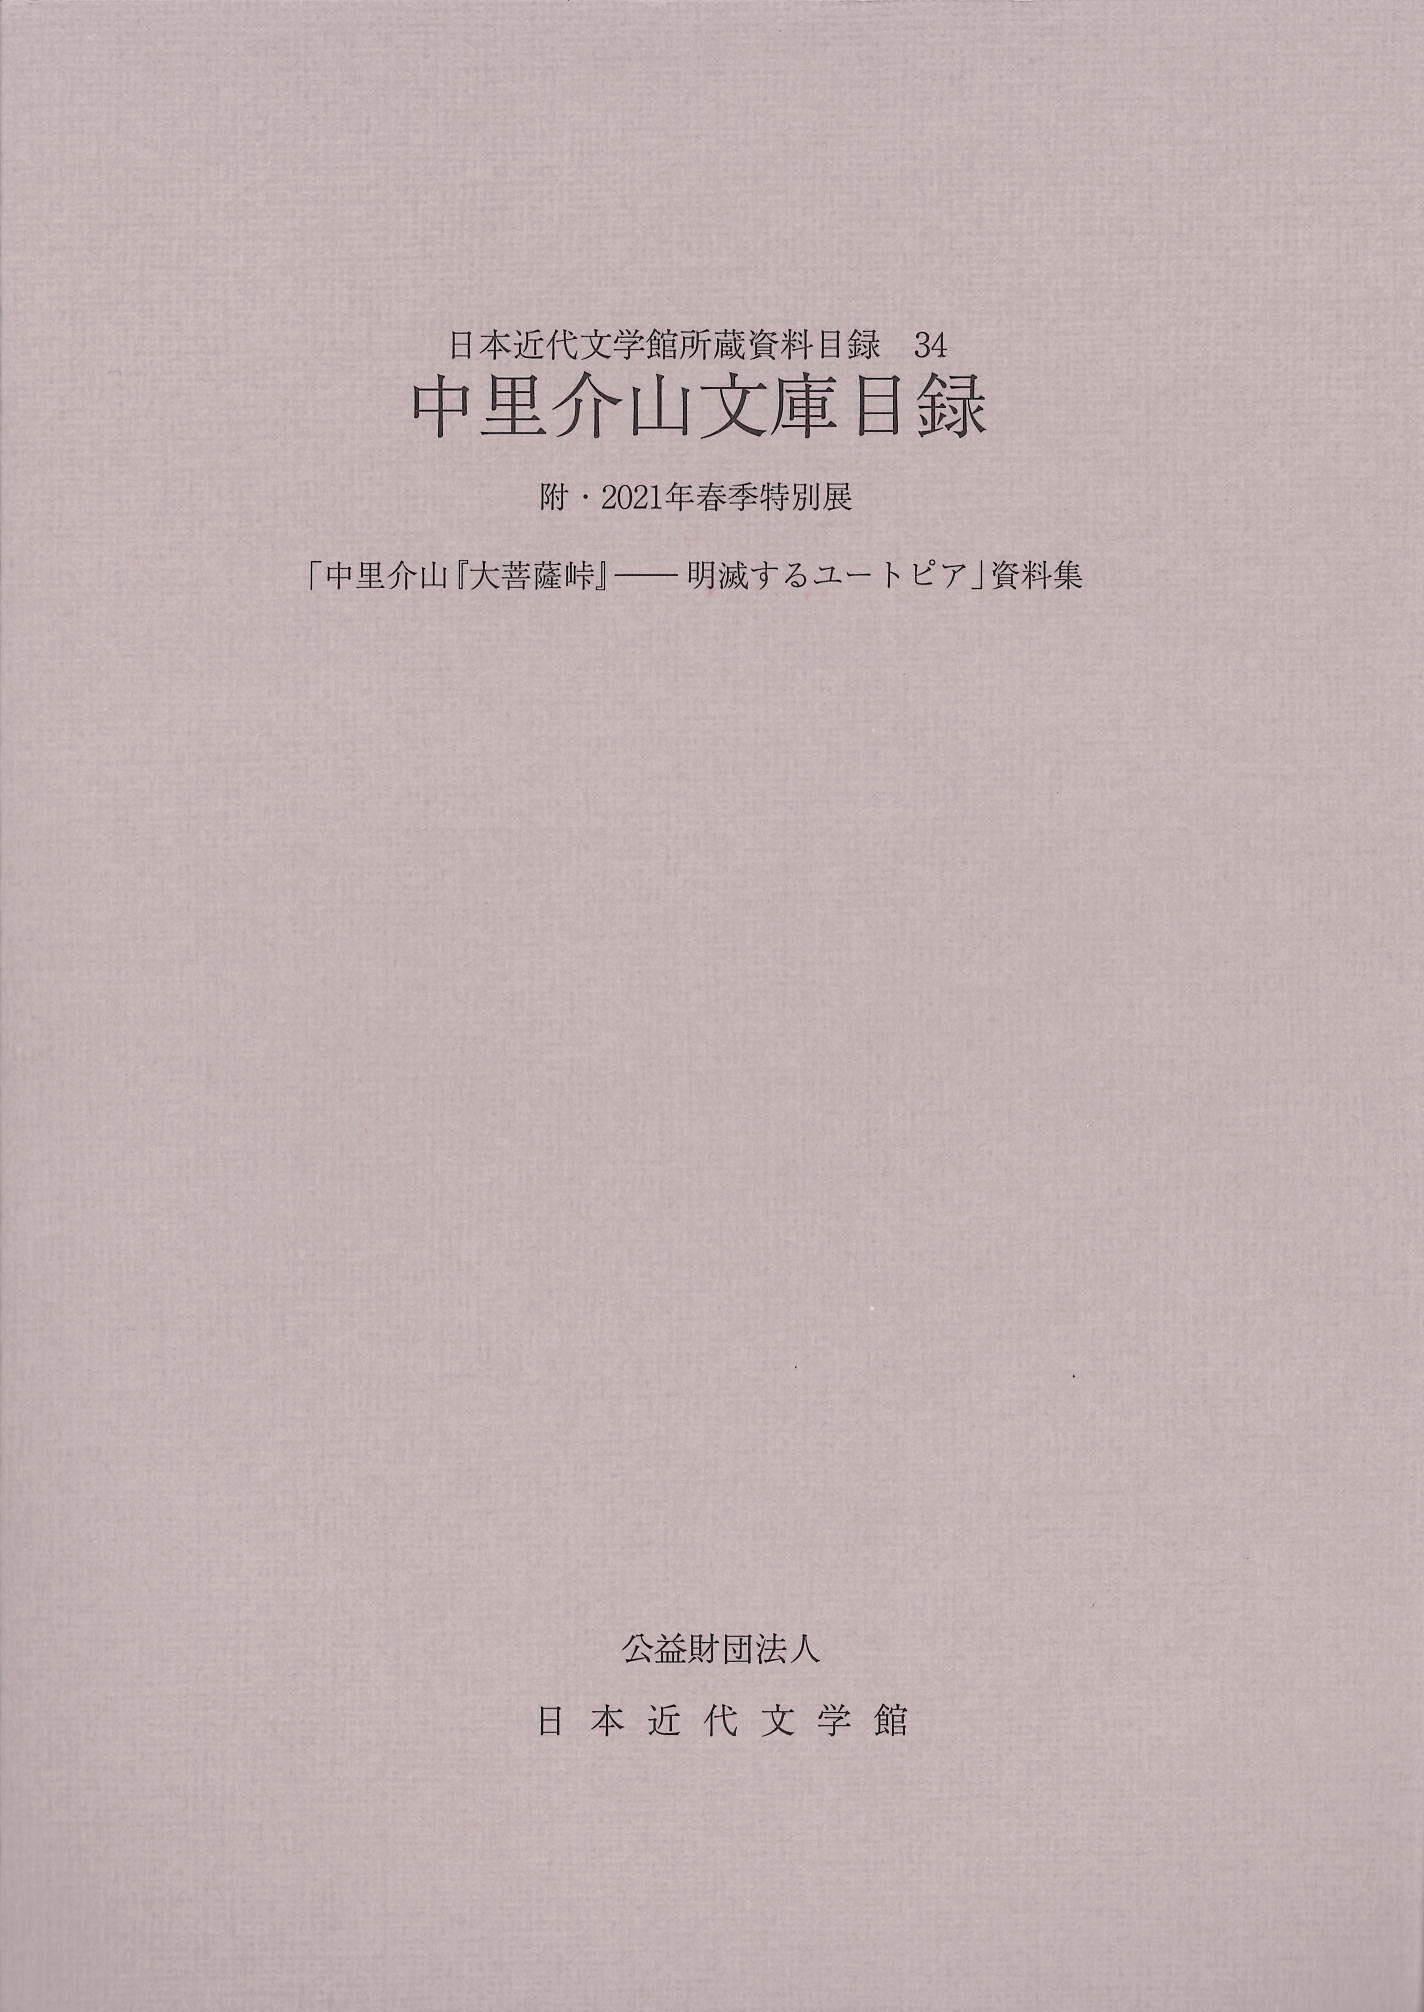 中里介山文庫目録.jpg